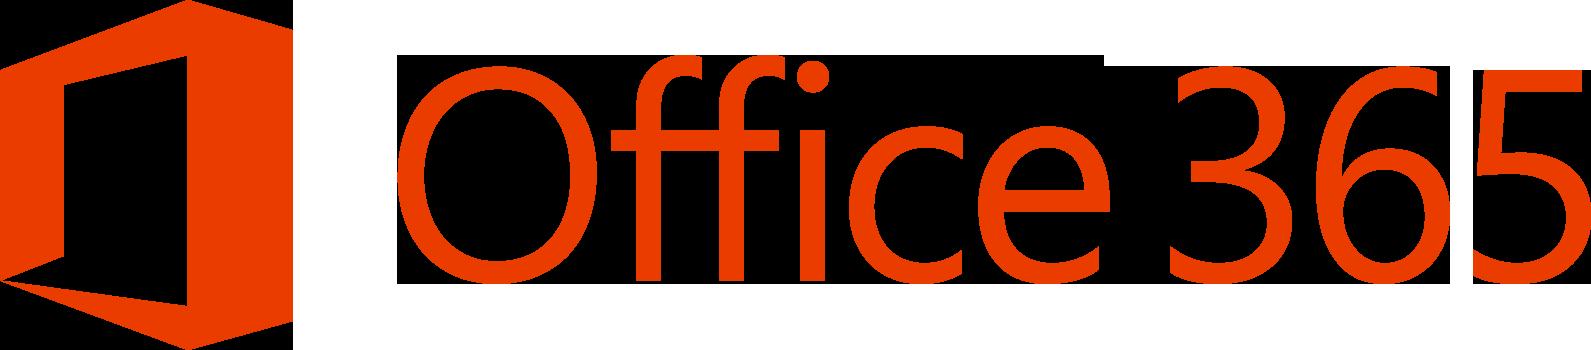 Microsoft: będzie duża aktualizacja Office 365